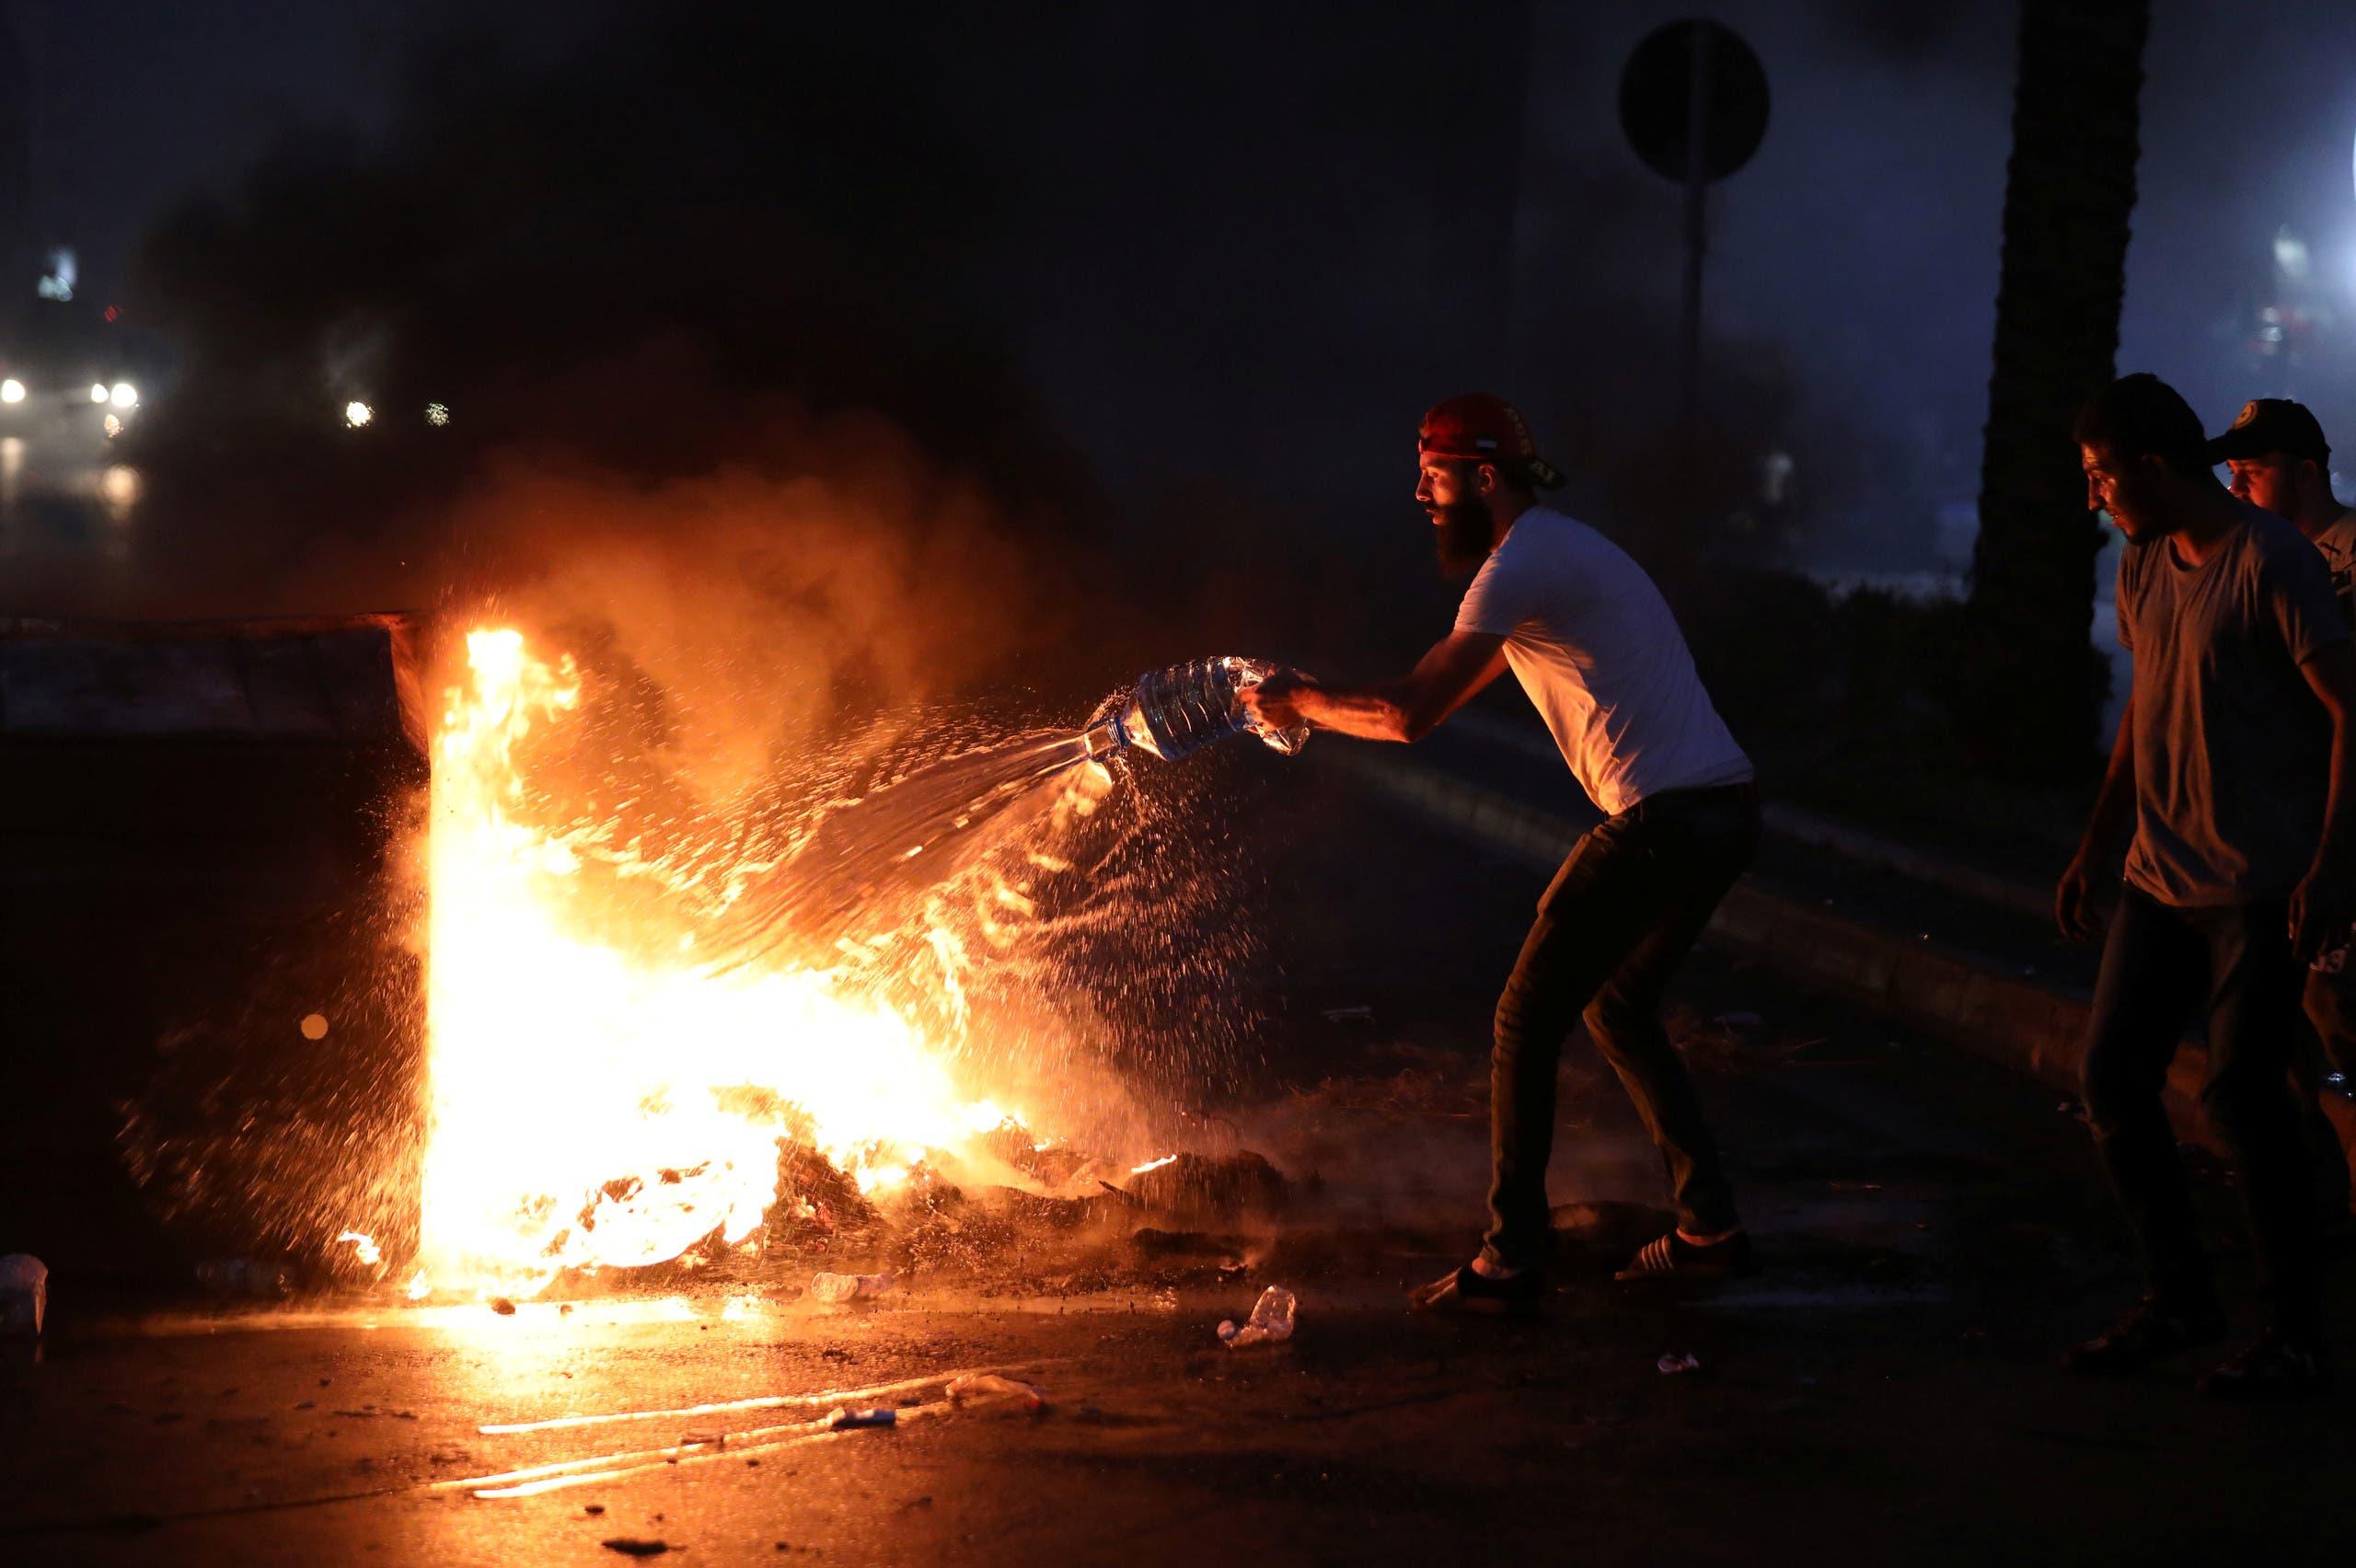 احتجاج في بيروت على غلاء الأسعار